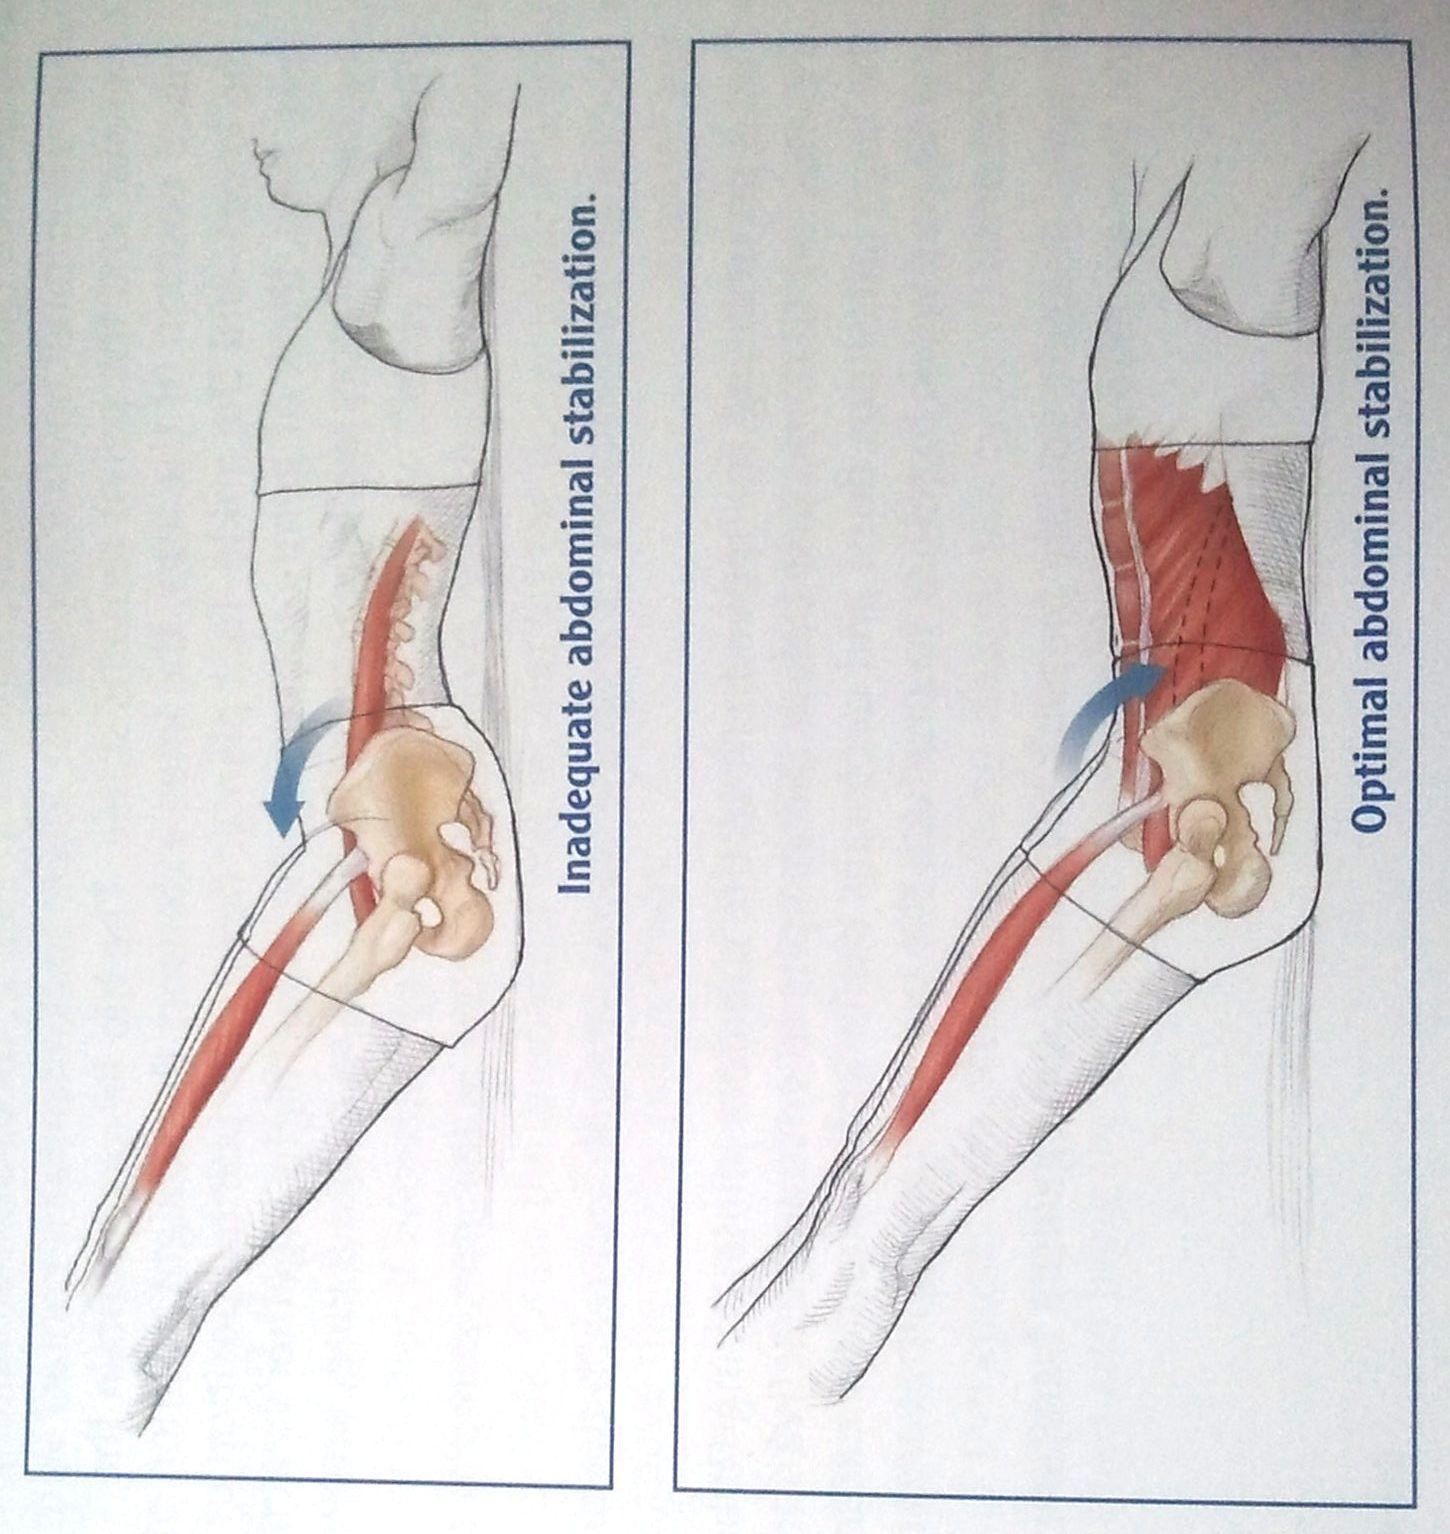 Ungewöhnlich Bild Von Bauch Anatomie Ideen - Menschliche Anatomie ...